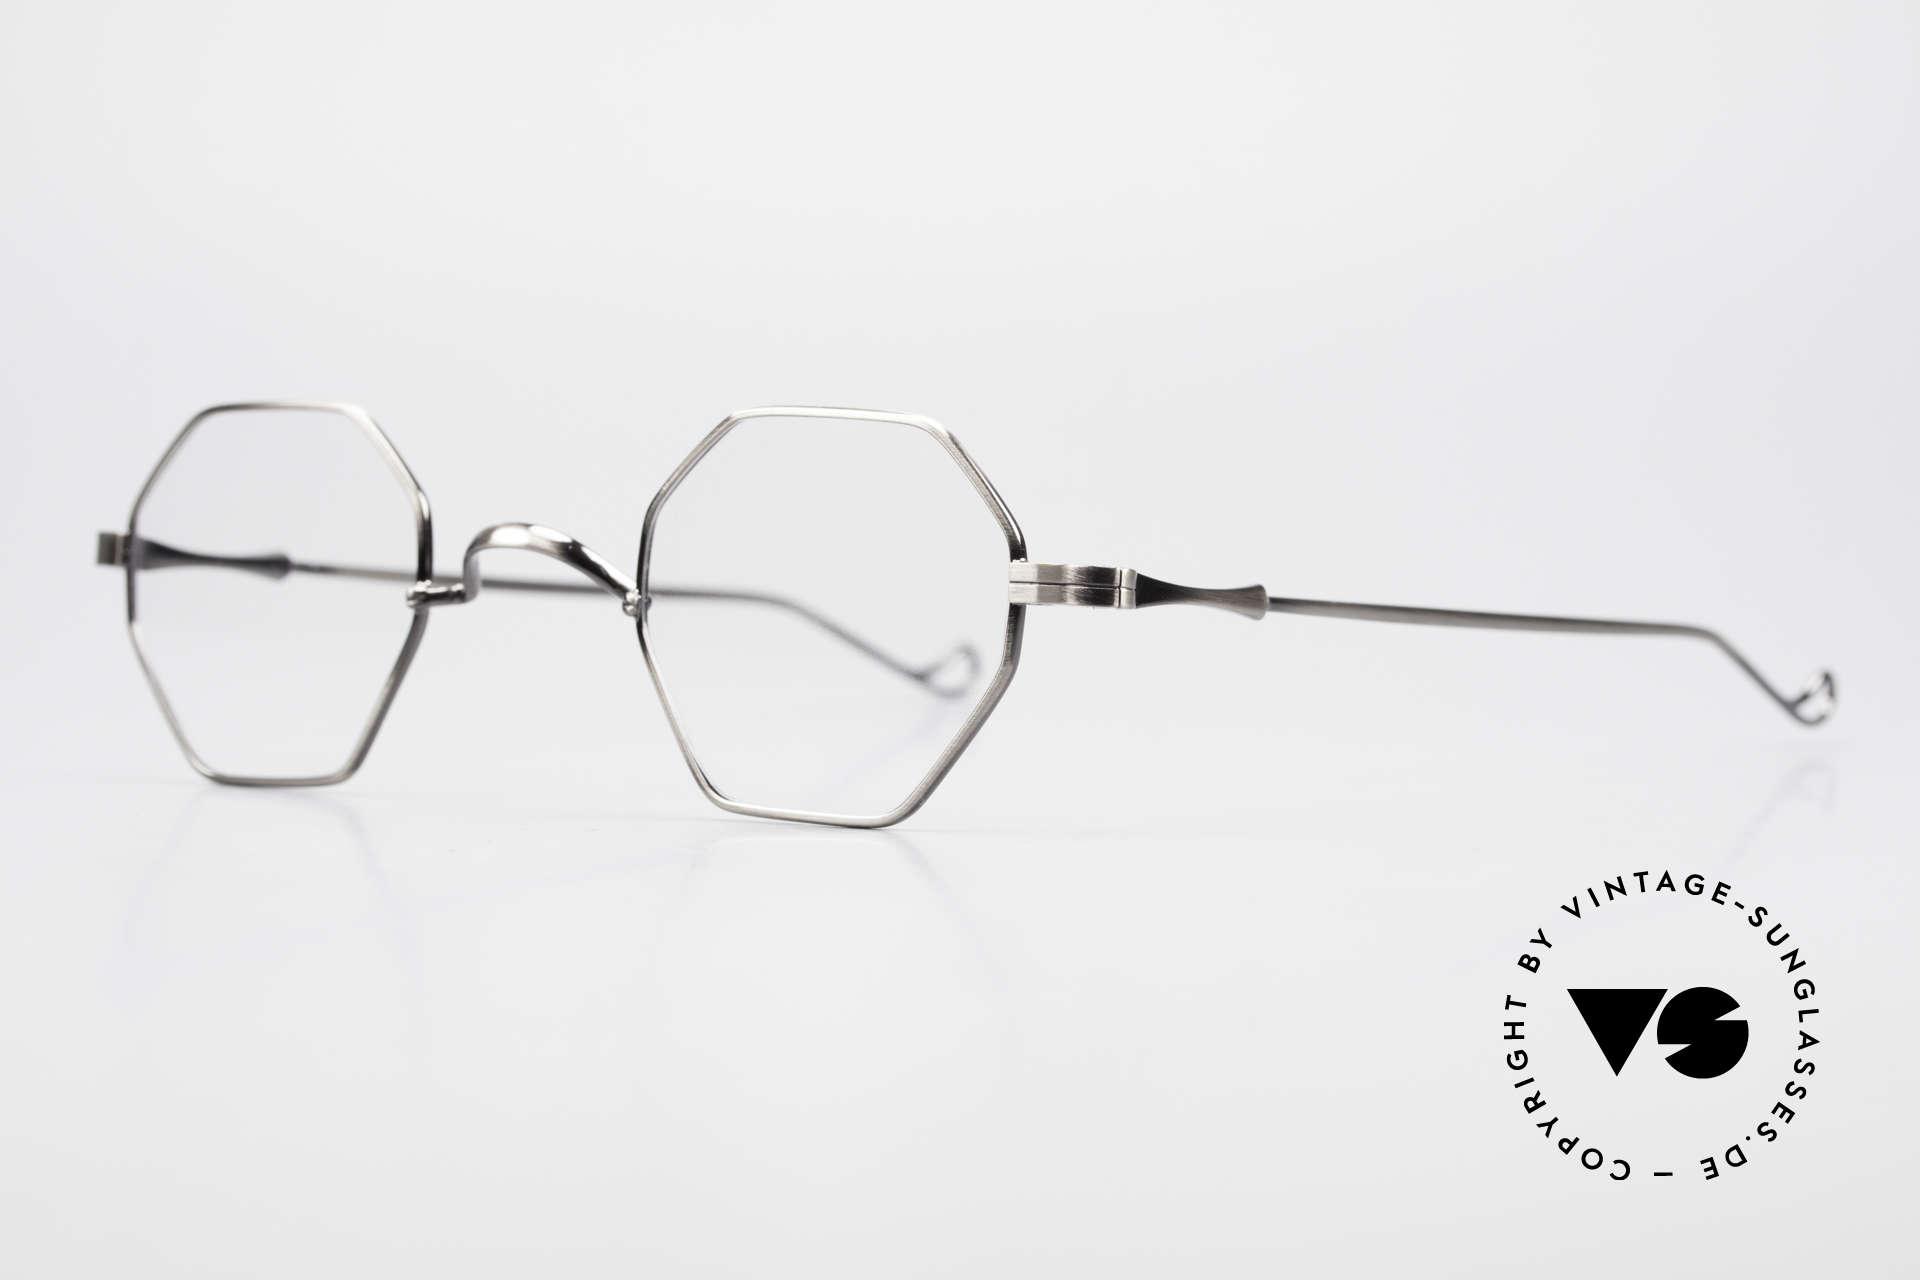 Lunor II 11 Eckige Pantobrille Sehr Klein, Brillendesign in Anlehnung an frühere Jahrhunderte, Passend für Herren und Damen